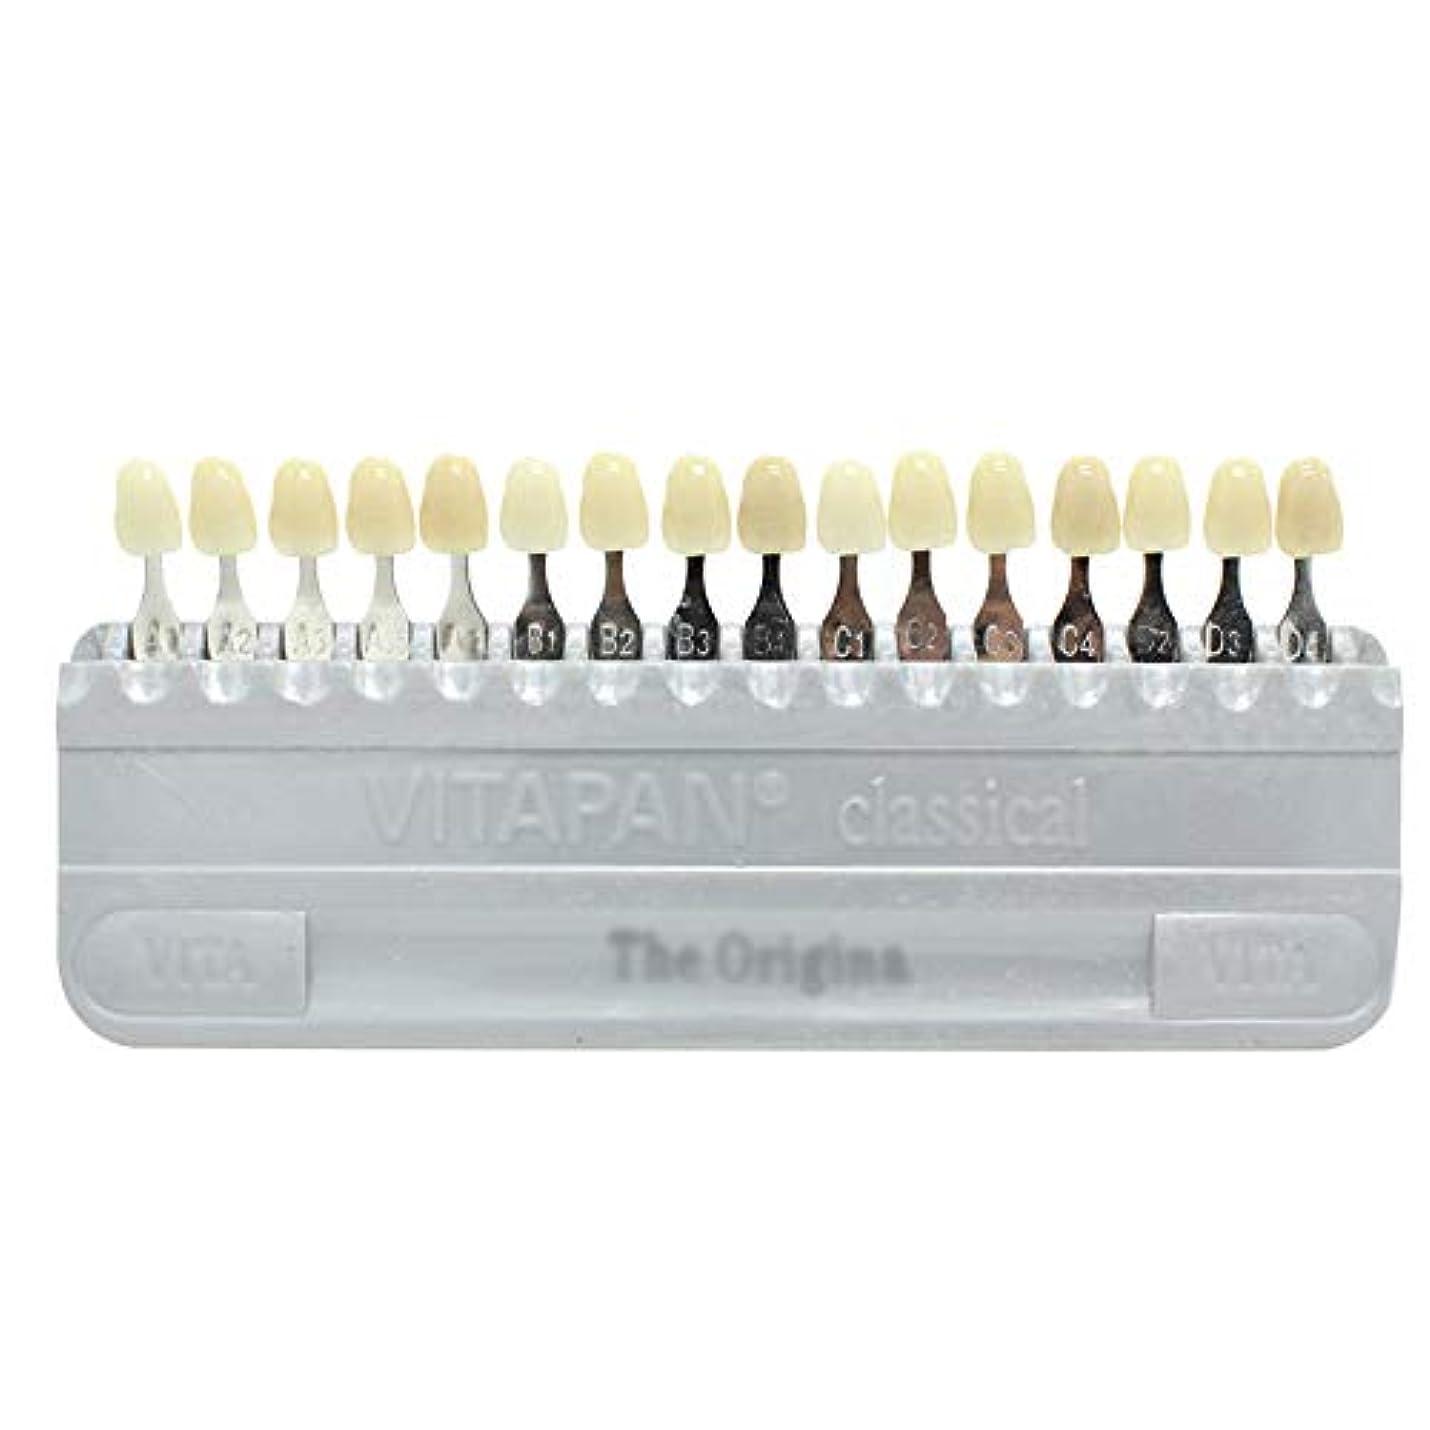 不健全餌母音PochiDen 歯科ホワイトニング用シェードガイド 16色 3D 歯列模型ボード